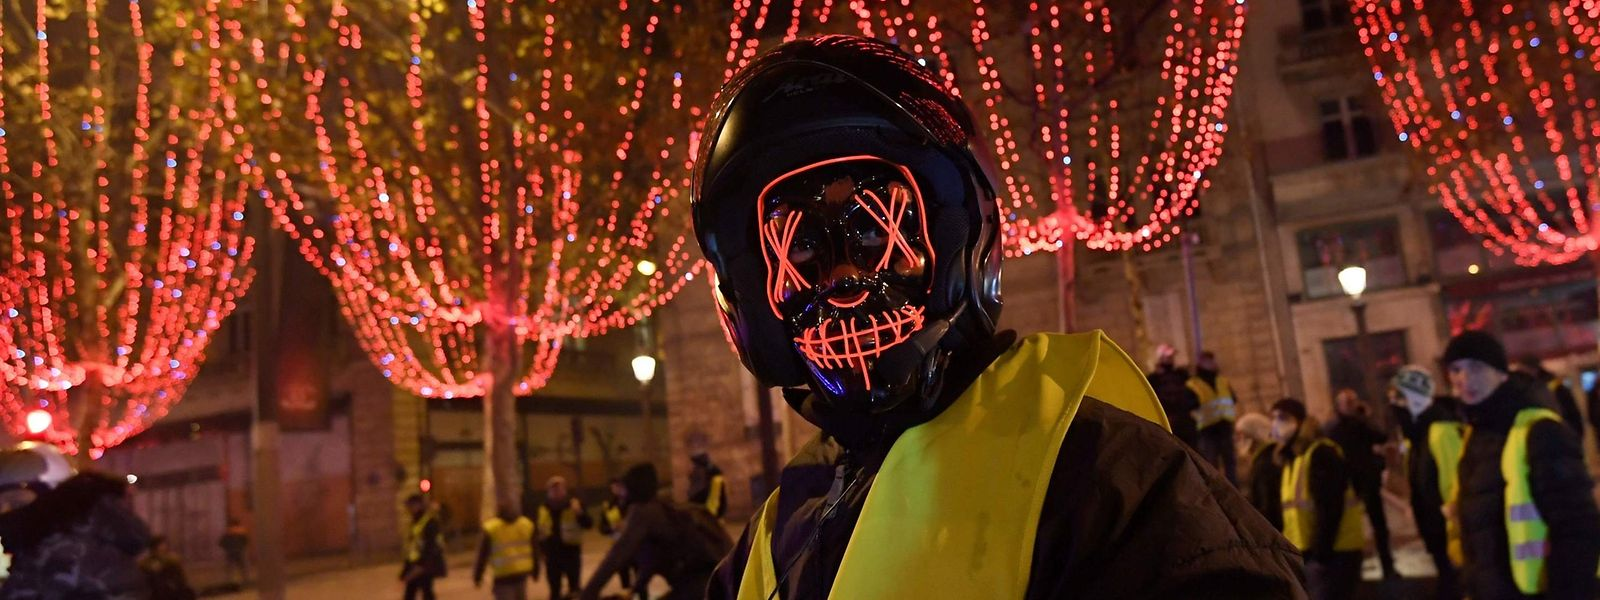 Les illuminations de Noël des Champs-Elysées se reflètent sur la visière du casque d'un manifestant en deux-roues: un effet digne d'un film de science-fiction.